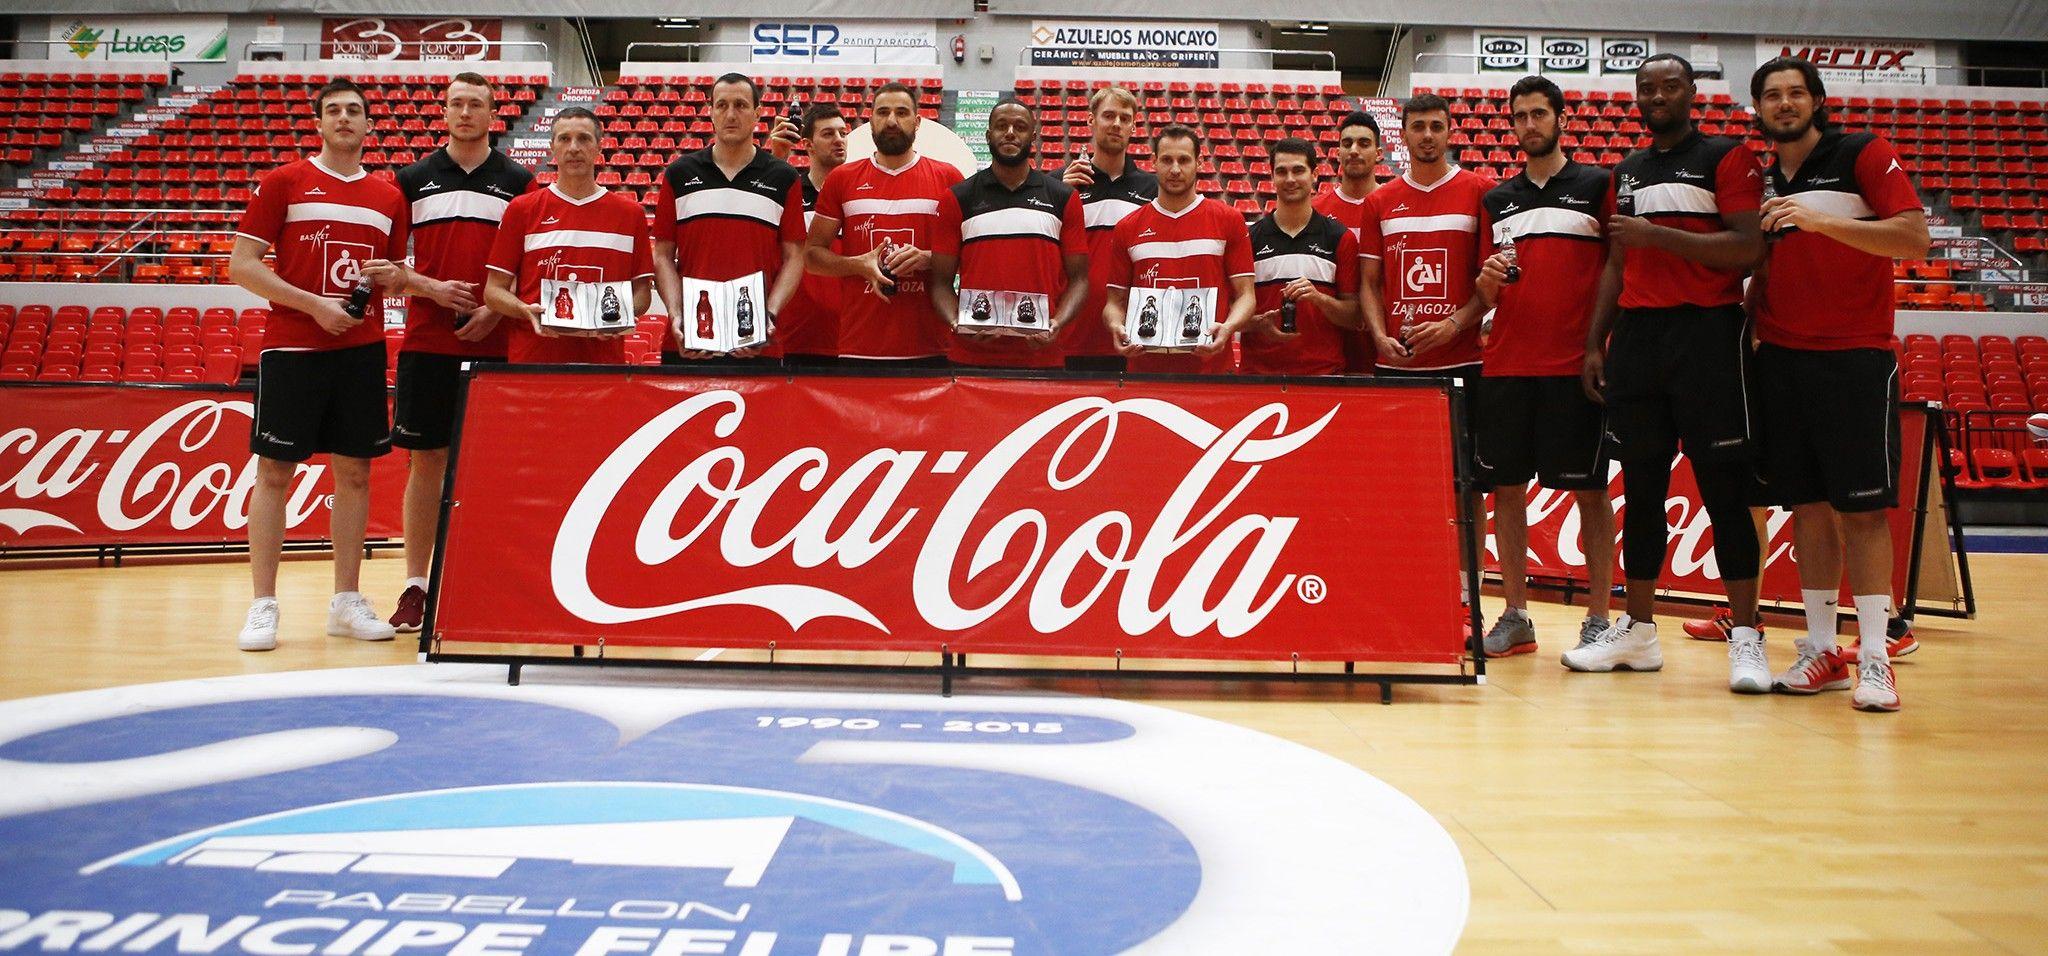 coca-cola-casademont-zaragoza-patrocinio